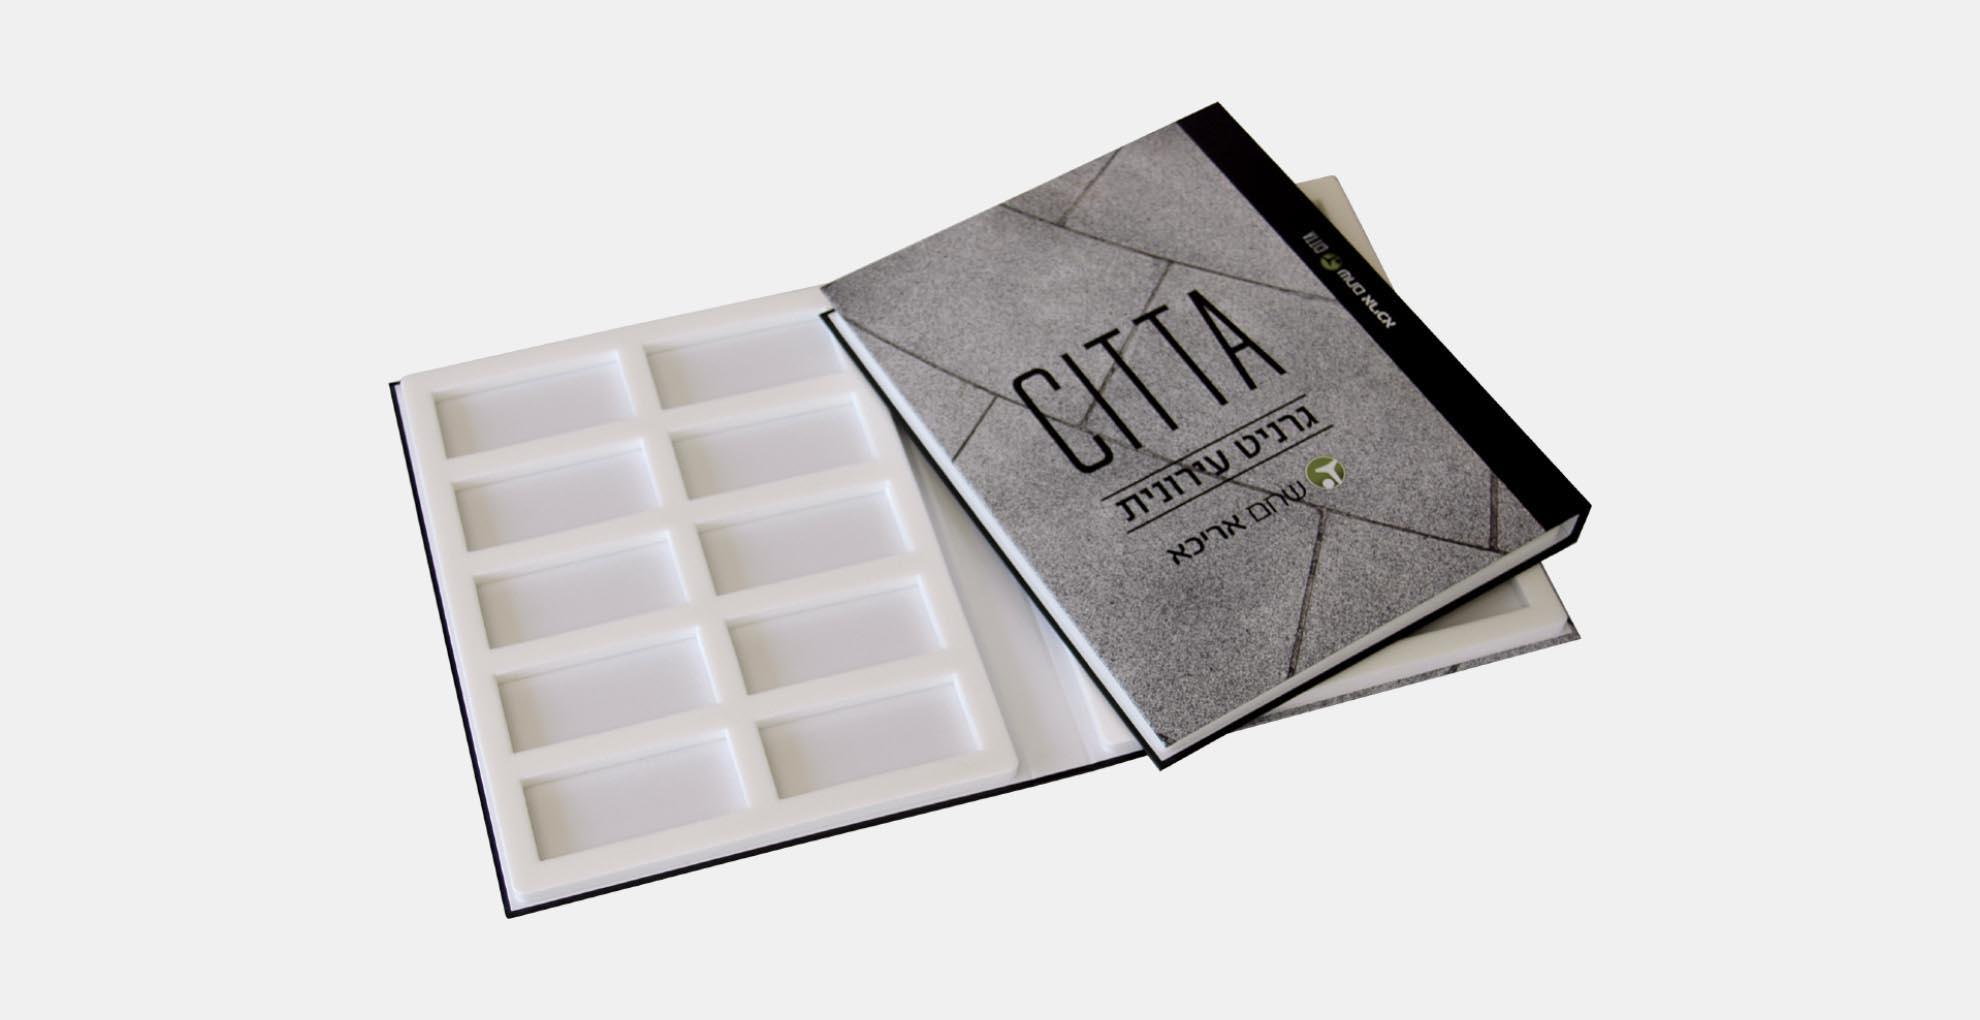 מארז דוגמאות ממותג בהתאמה אישית מקרטון קשיח דחוס עם מסגרת צורנית מספוג לבן עבור 20 דוגמאות מרצפות